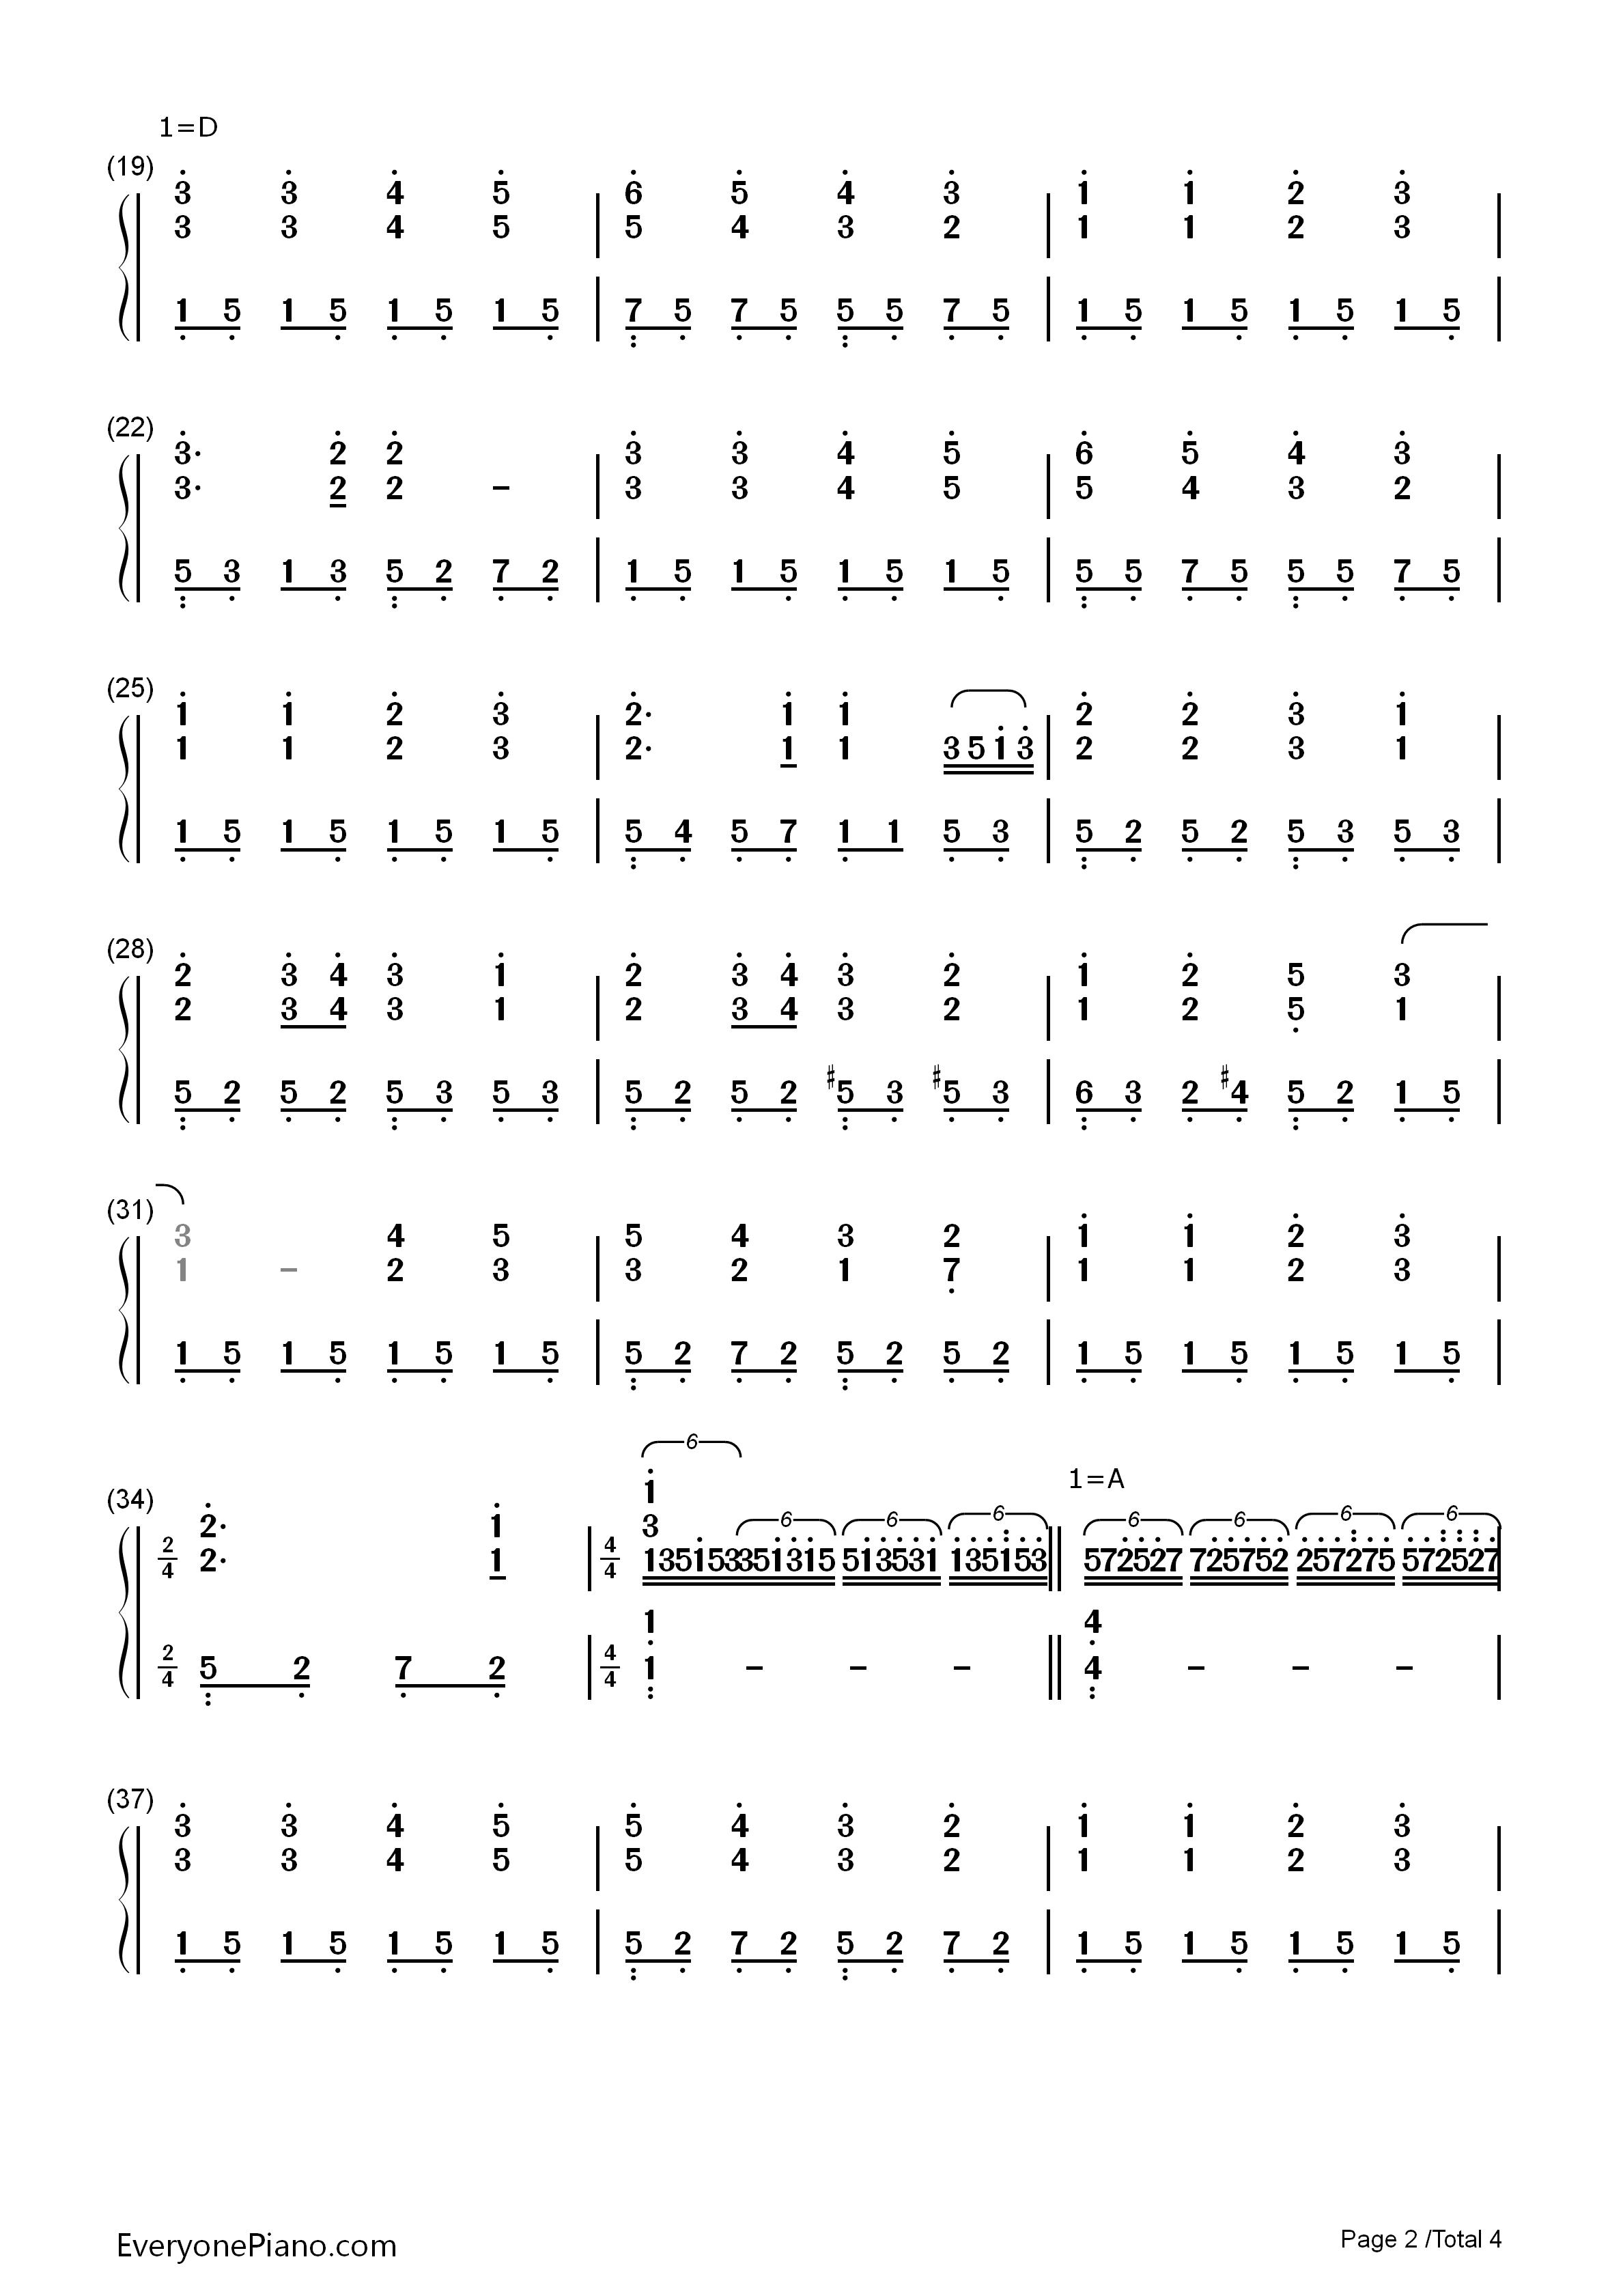 欢乐颂-完整版双手简谱预览2-钢琴谱(五线谱,双手简谱